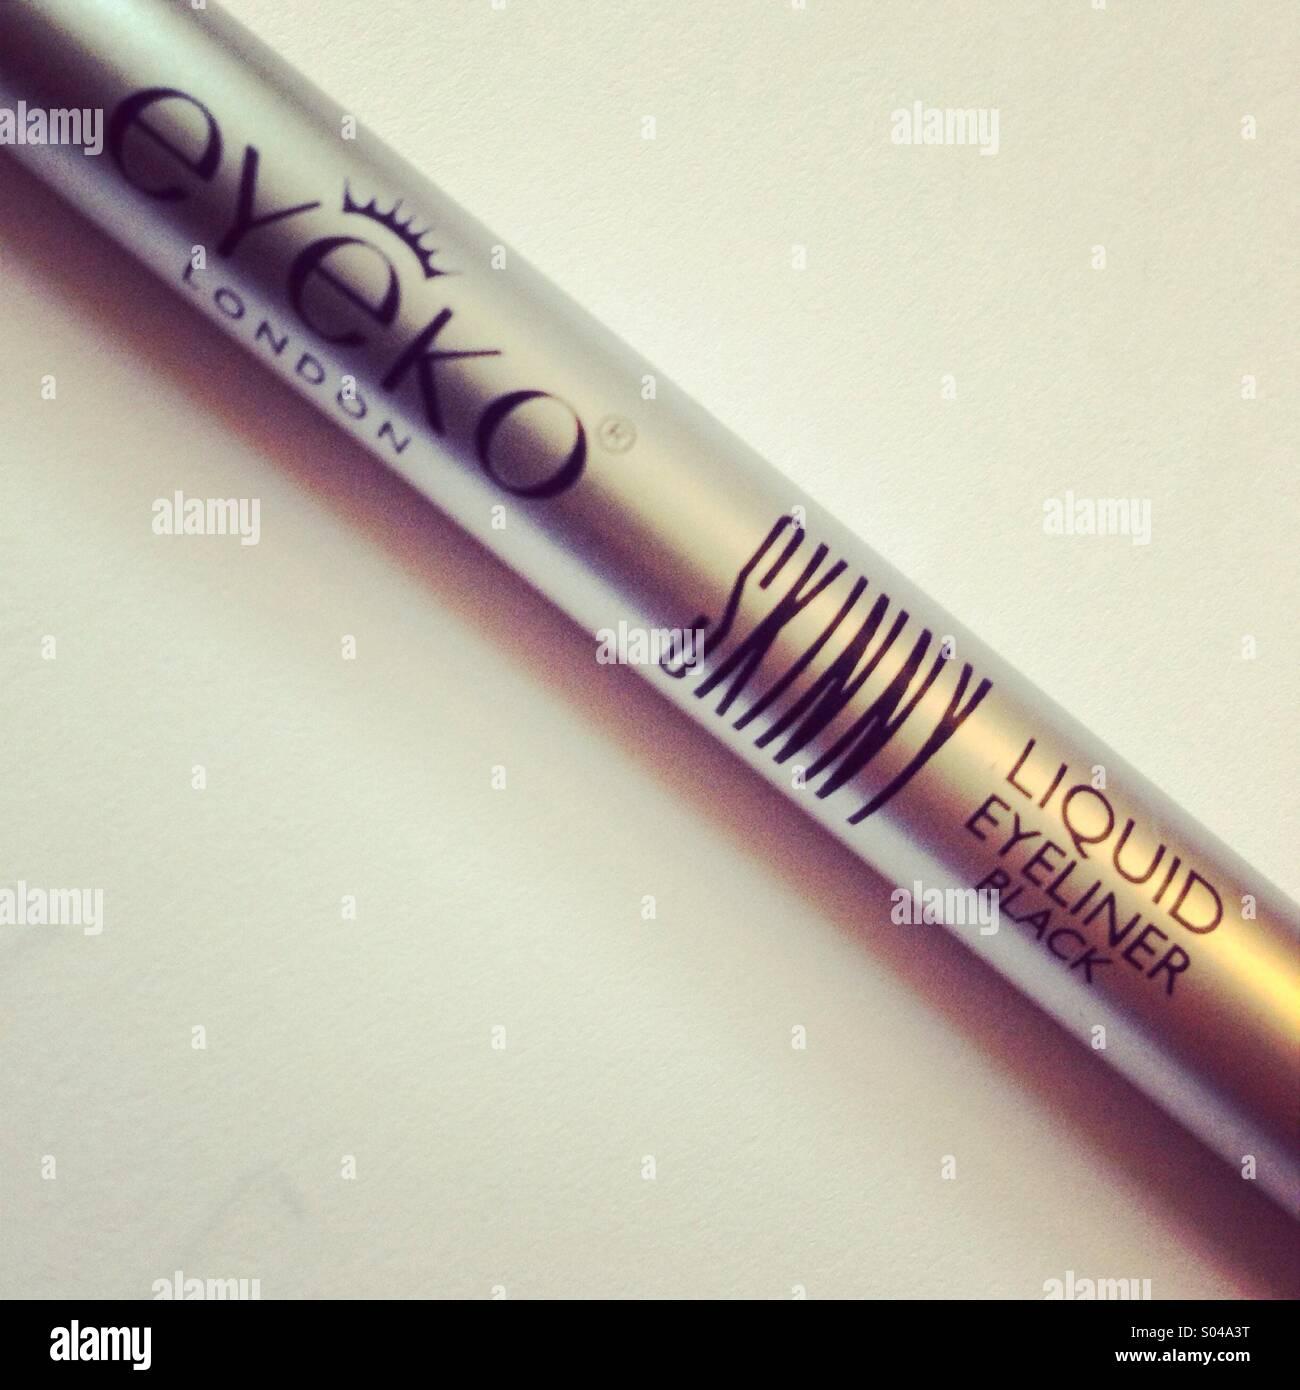 Skinny Eyeko eyeliner Stockbild